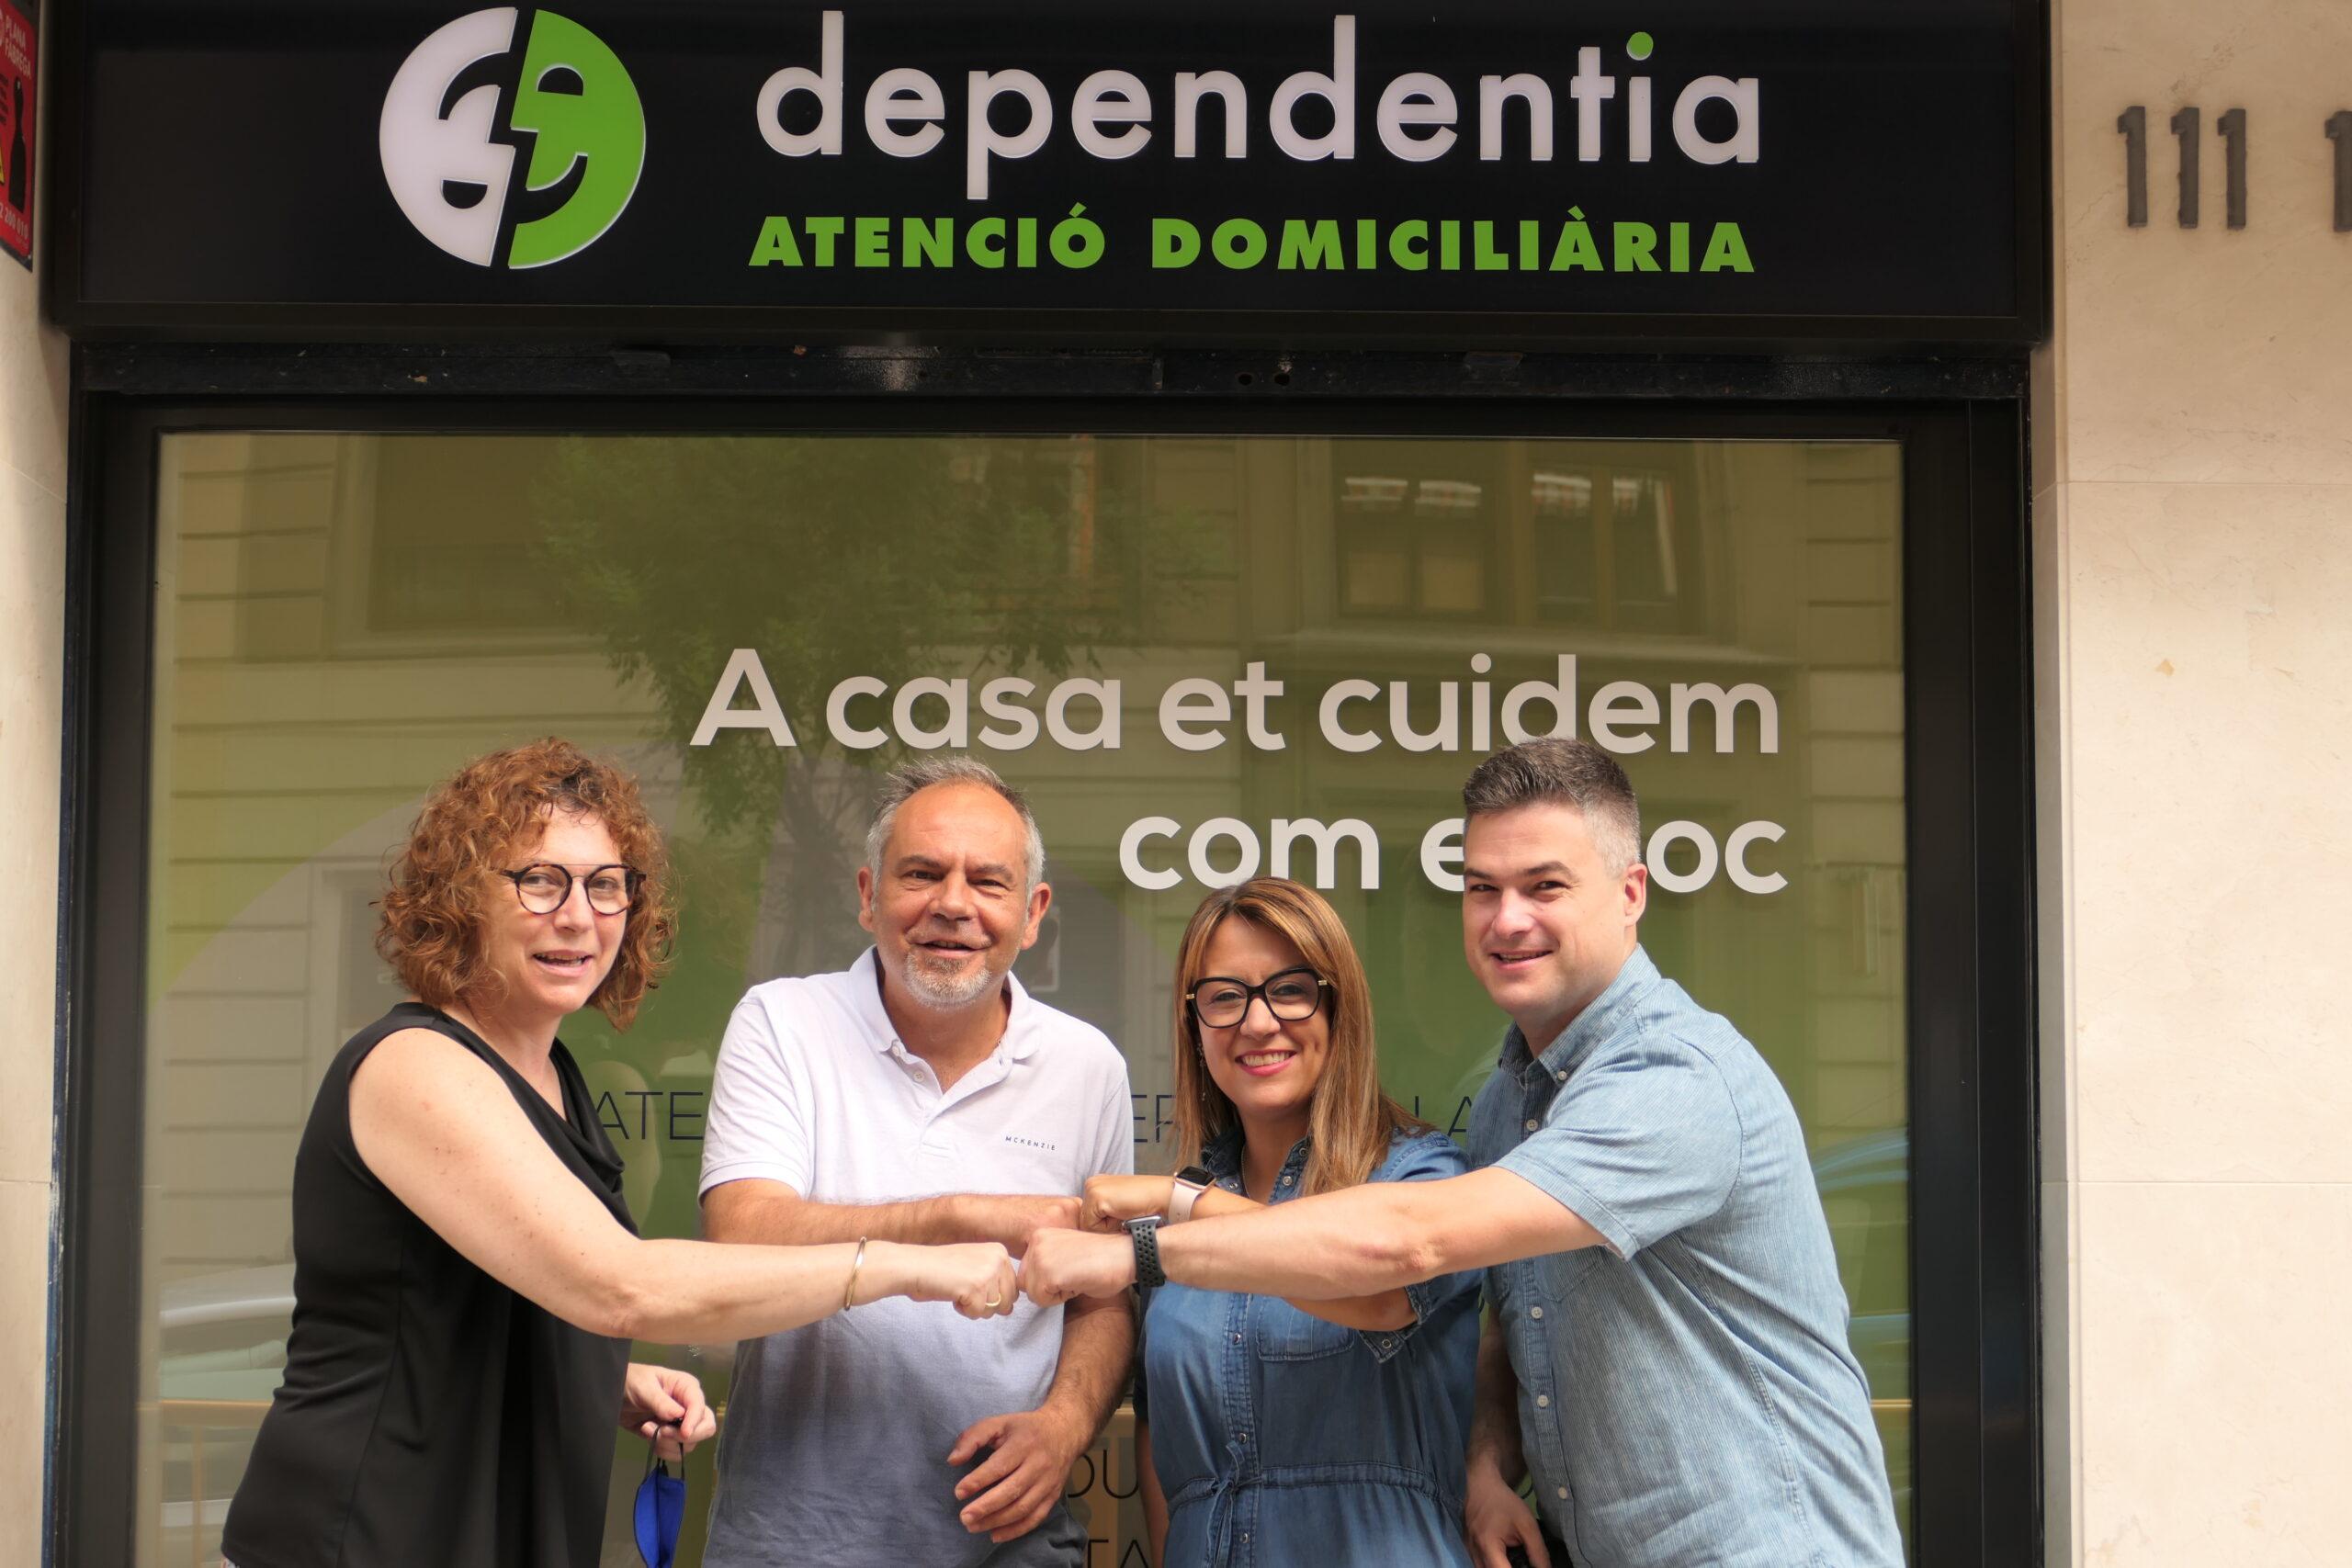 Estrenem oficina de Dependentia a l'Hospitalet de Llobregat